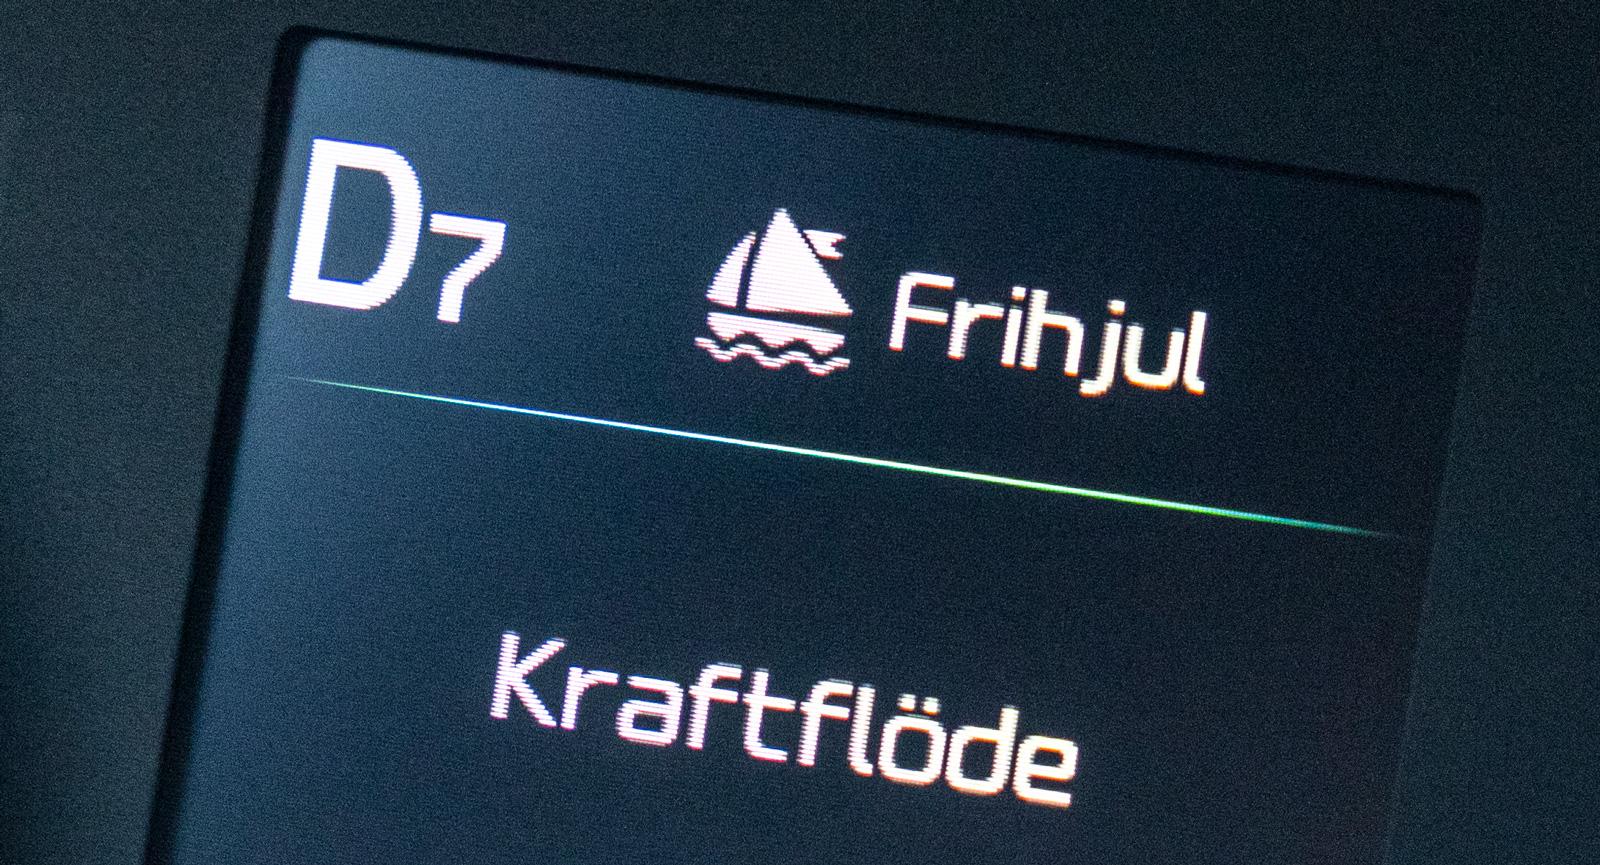 Segelbåt indikerar aktiv frihjulsfunktion. Displayen kontrollerar många bilinställningar. Förkortningarna för funktionerna blir lätt obegripliga.